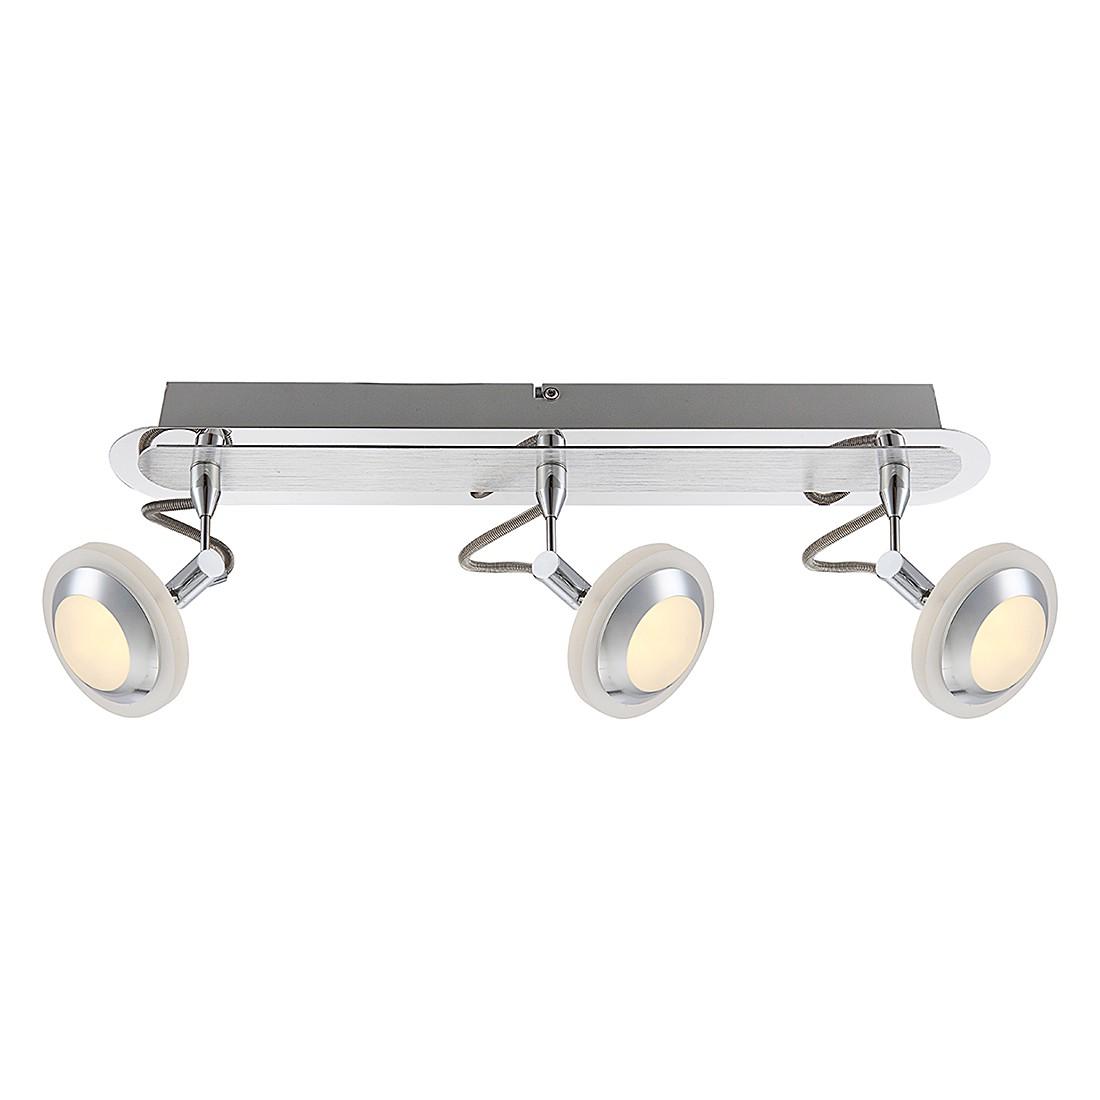 Strahler STRAHLER CHROM, ALUMINIUM, 3XLED – Aluminium – Silber – 3-flammig, Globo Lighting jetzt bestellen